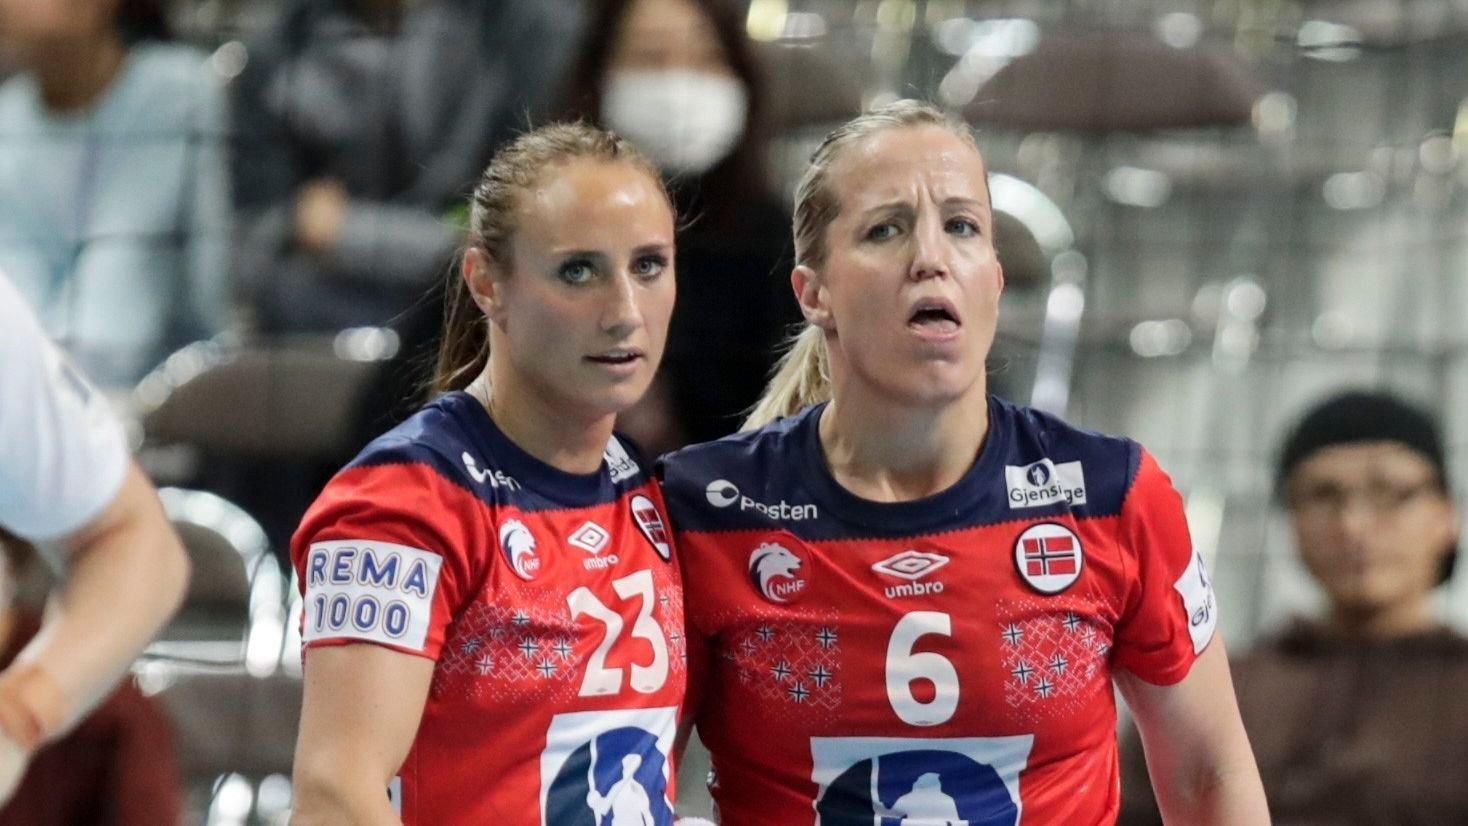 Handball Vm 2019 Kvinner Handball Norge Knuste Heidi Loke Shotoe